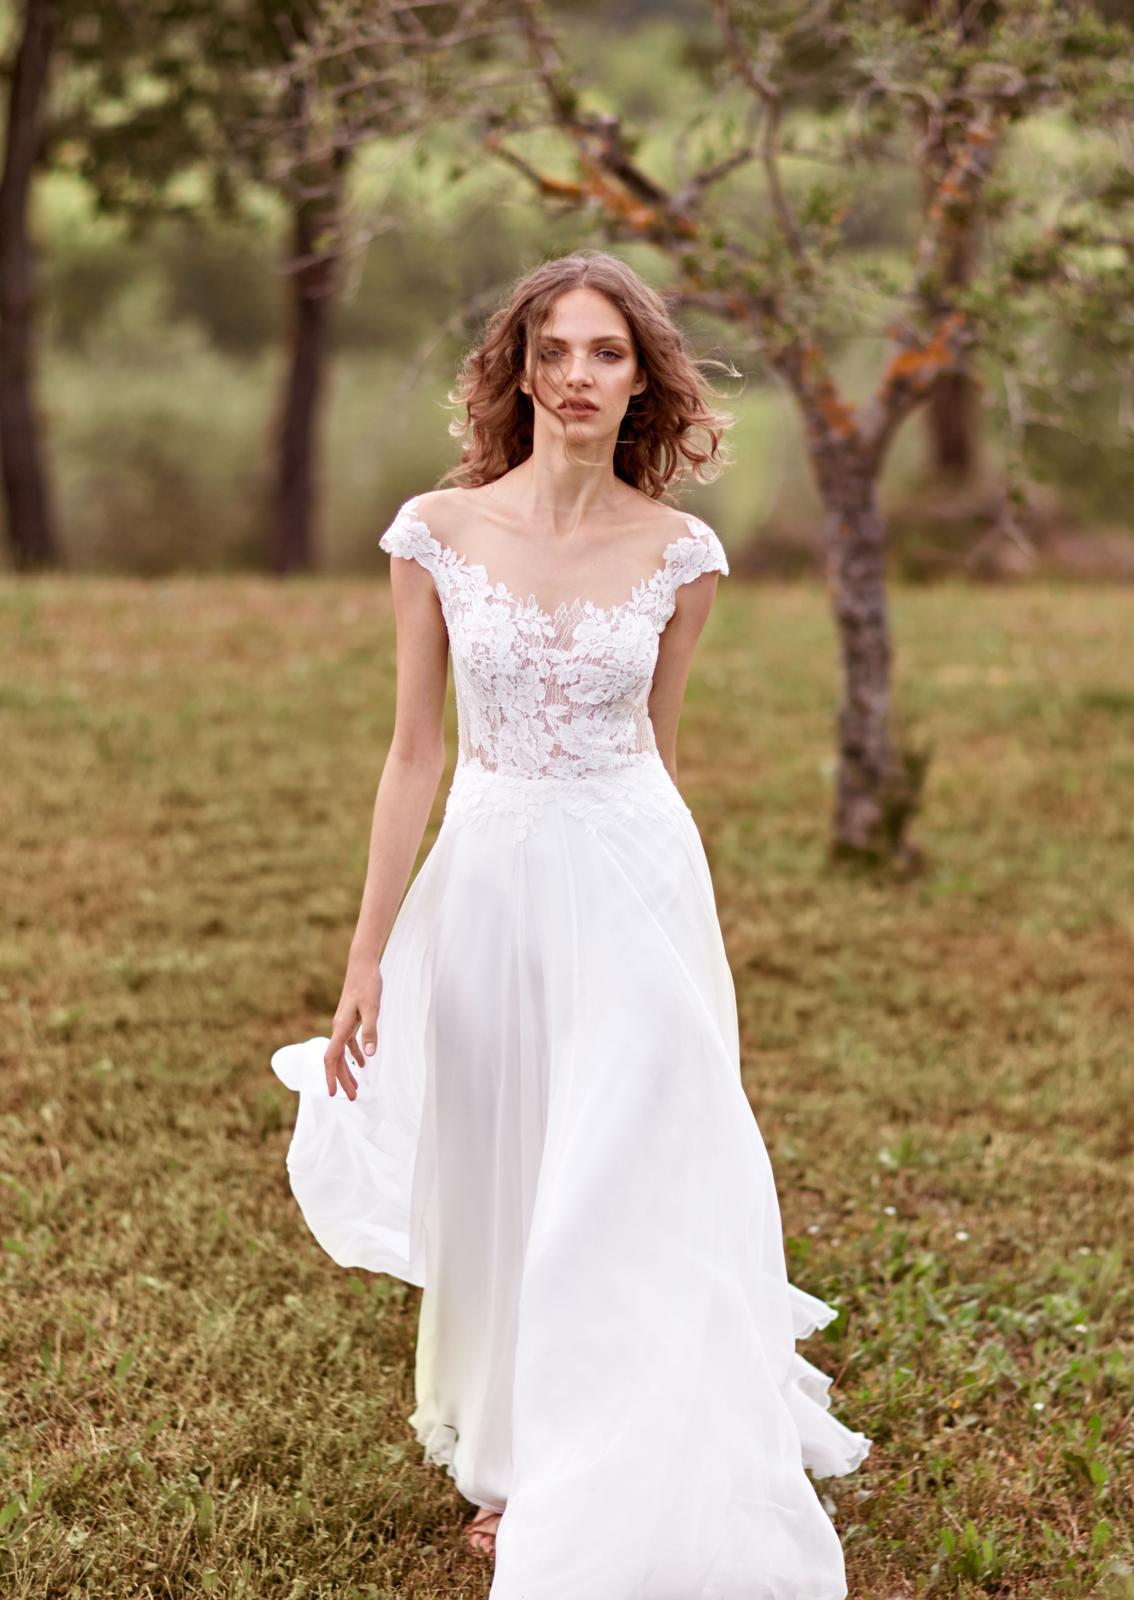 Anna Kara * Svadobné šaty z kolekcií na rok 2019 - Obrázok č. 96